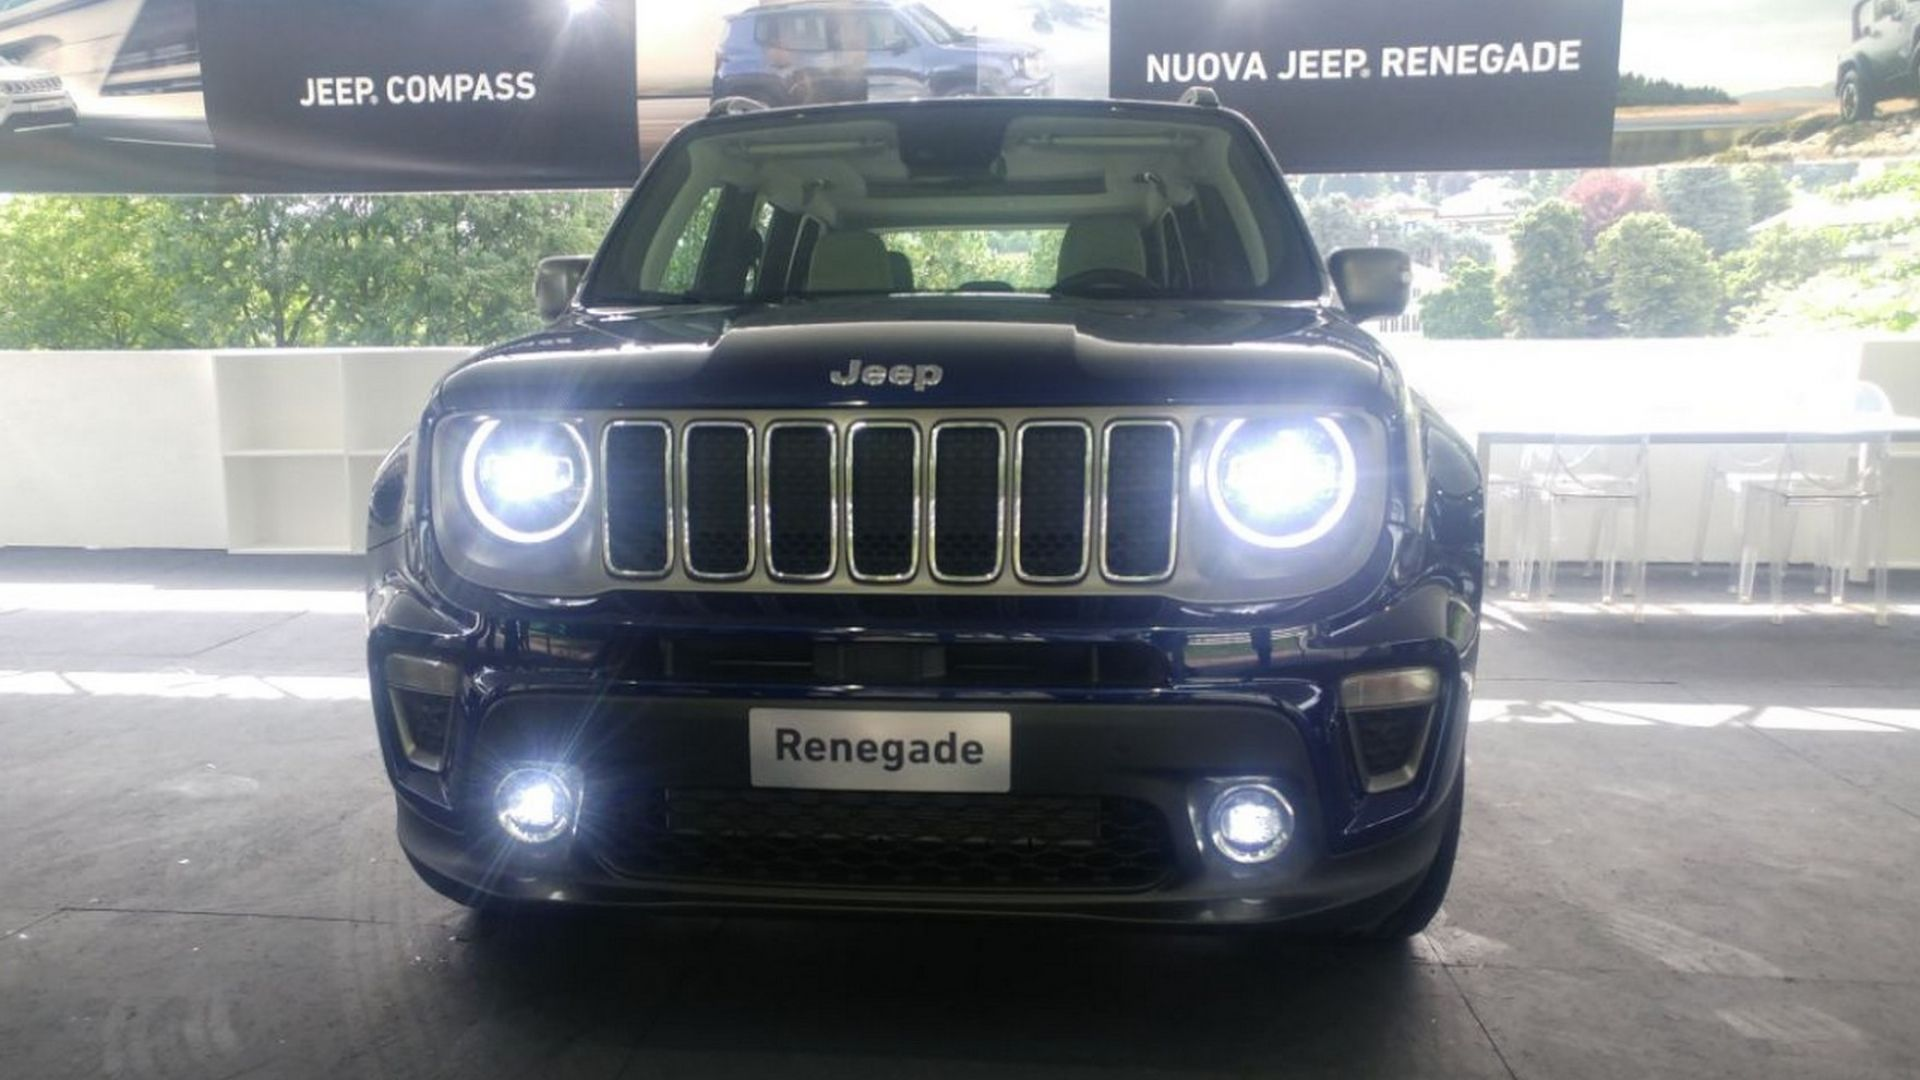 Nuova Jeep Renegade 2019: le novità del restyling, motori ...